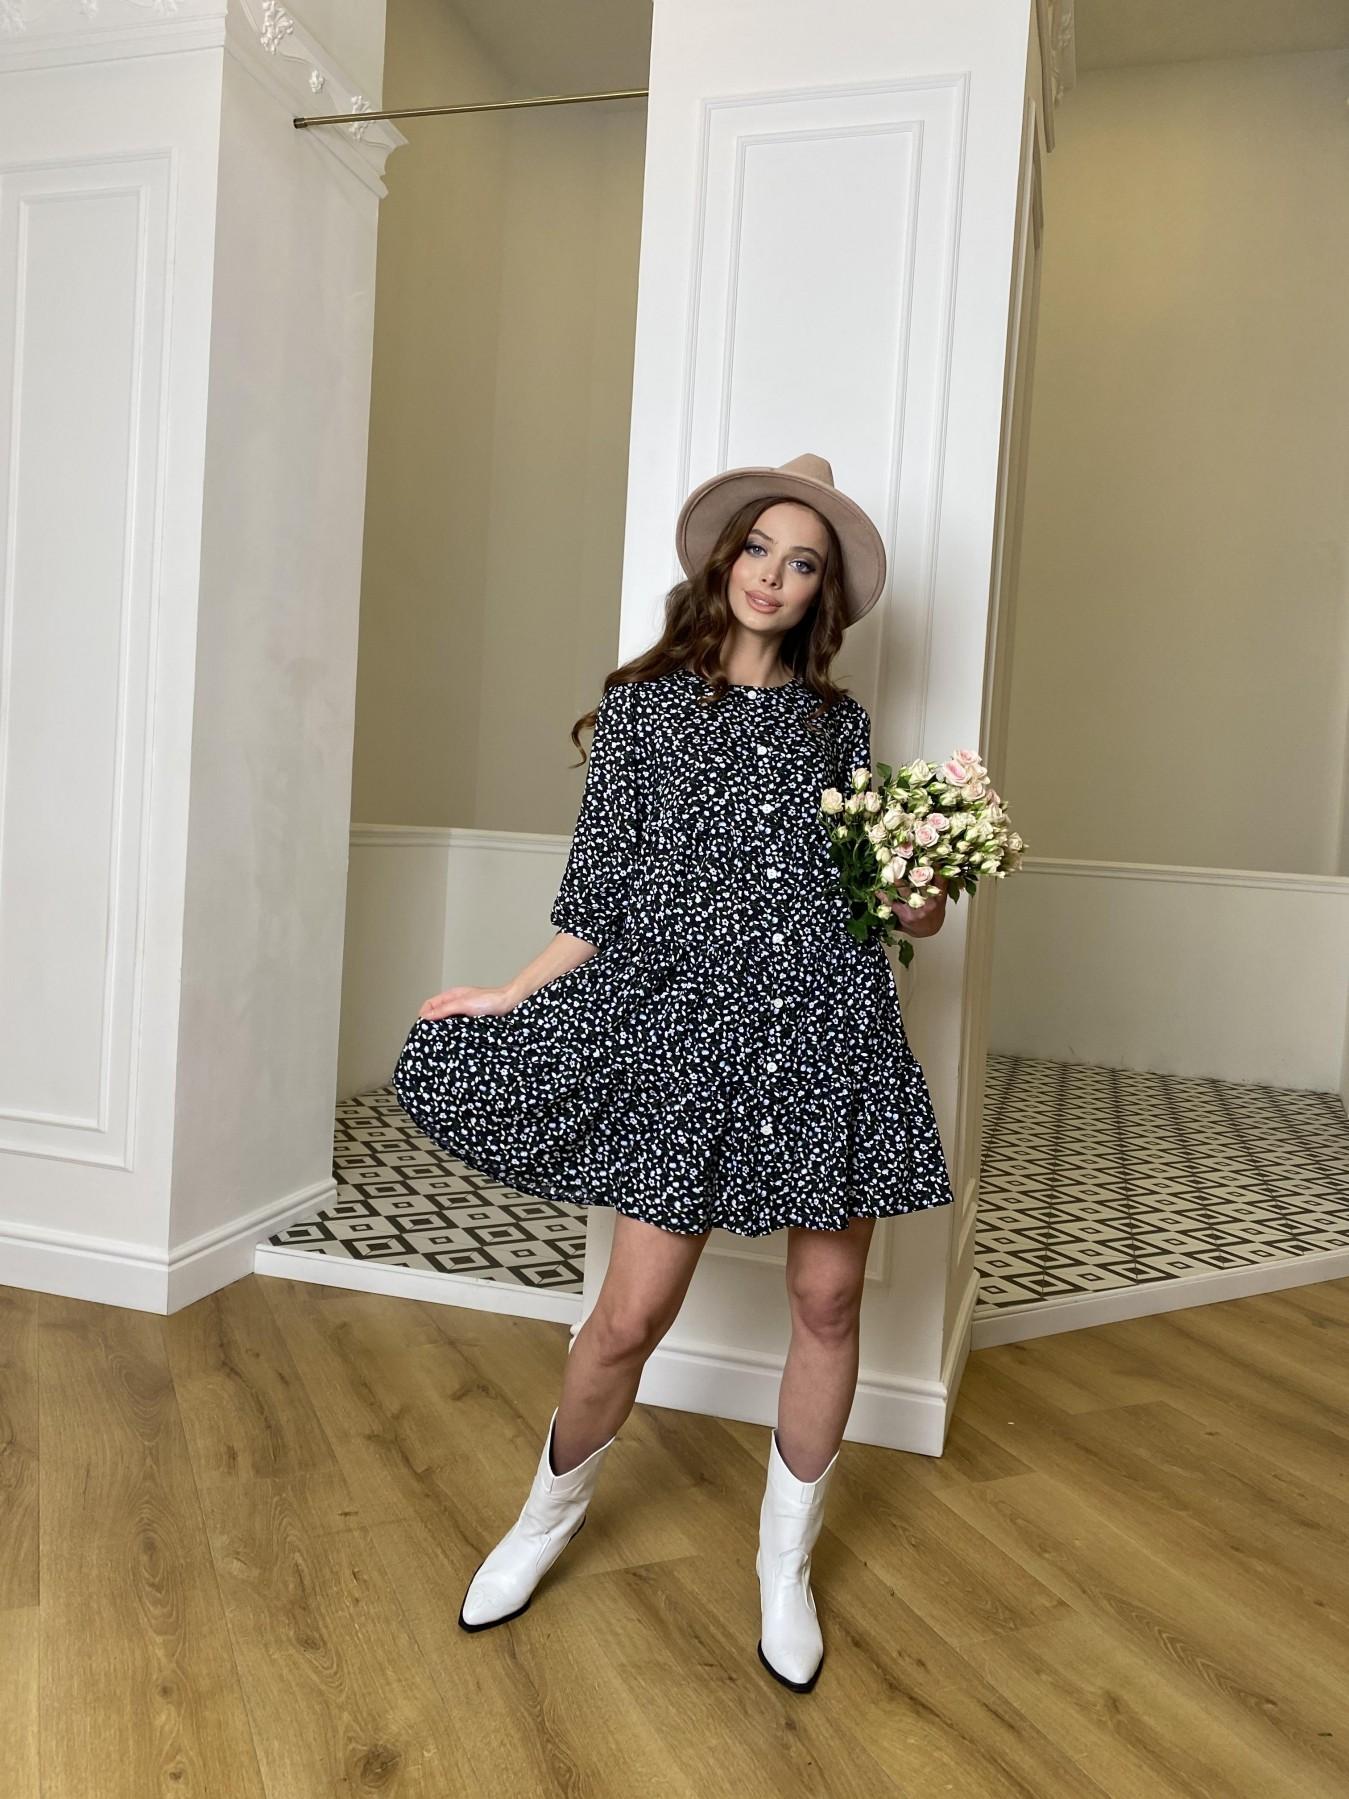 Берри штапель принт платье 10872 АРТ. 47342 Цвет: Цветы мел черн/бел/гол - фото 5, интернет магазин tm-modus.ru